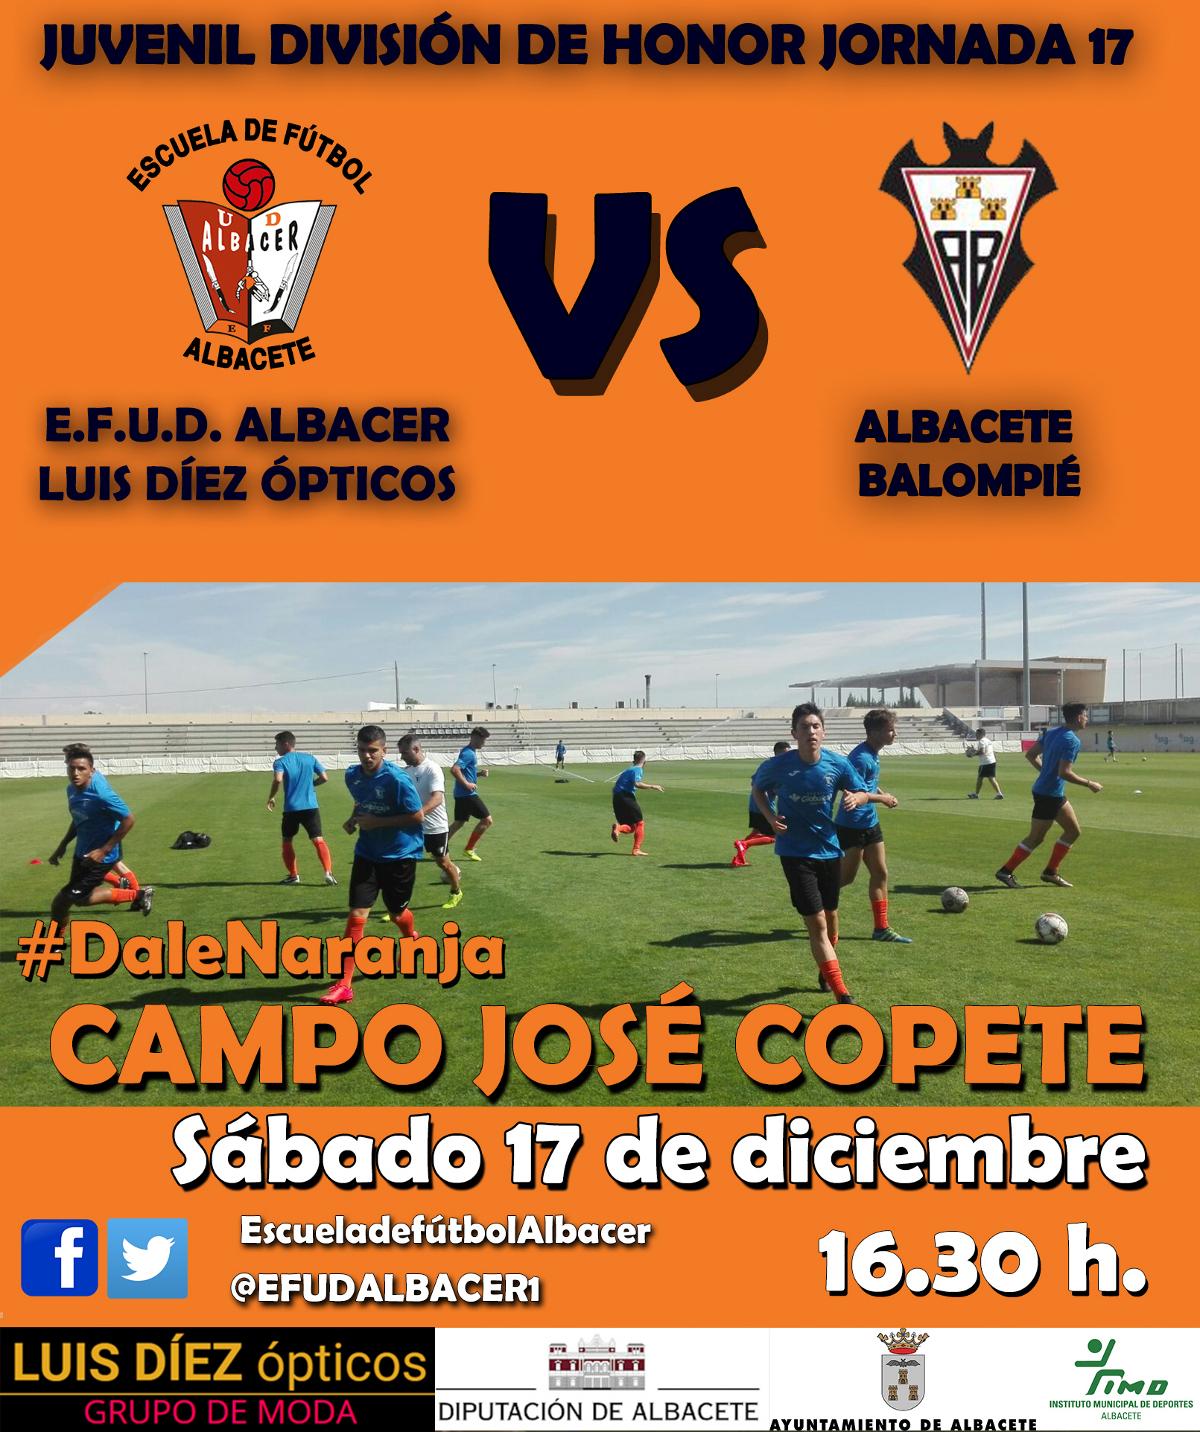 Cartel EFUD Albacer - Albacete Balompié Juvenil